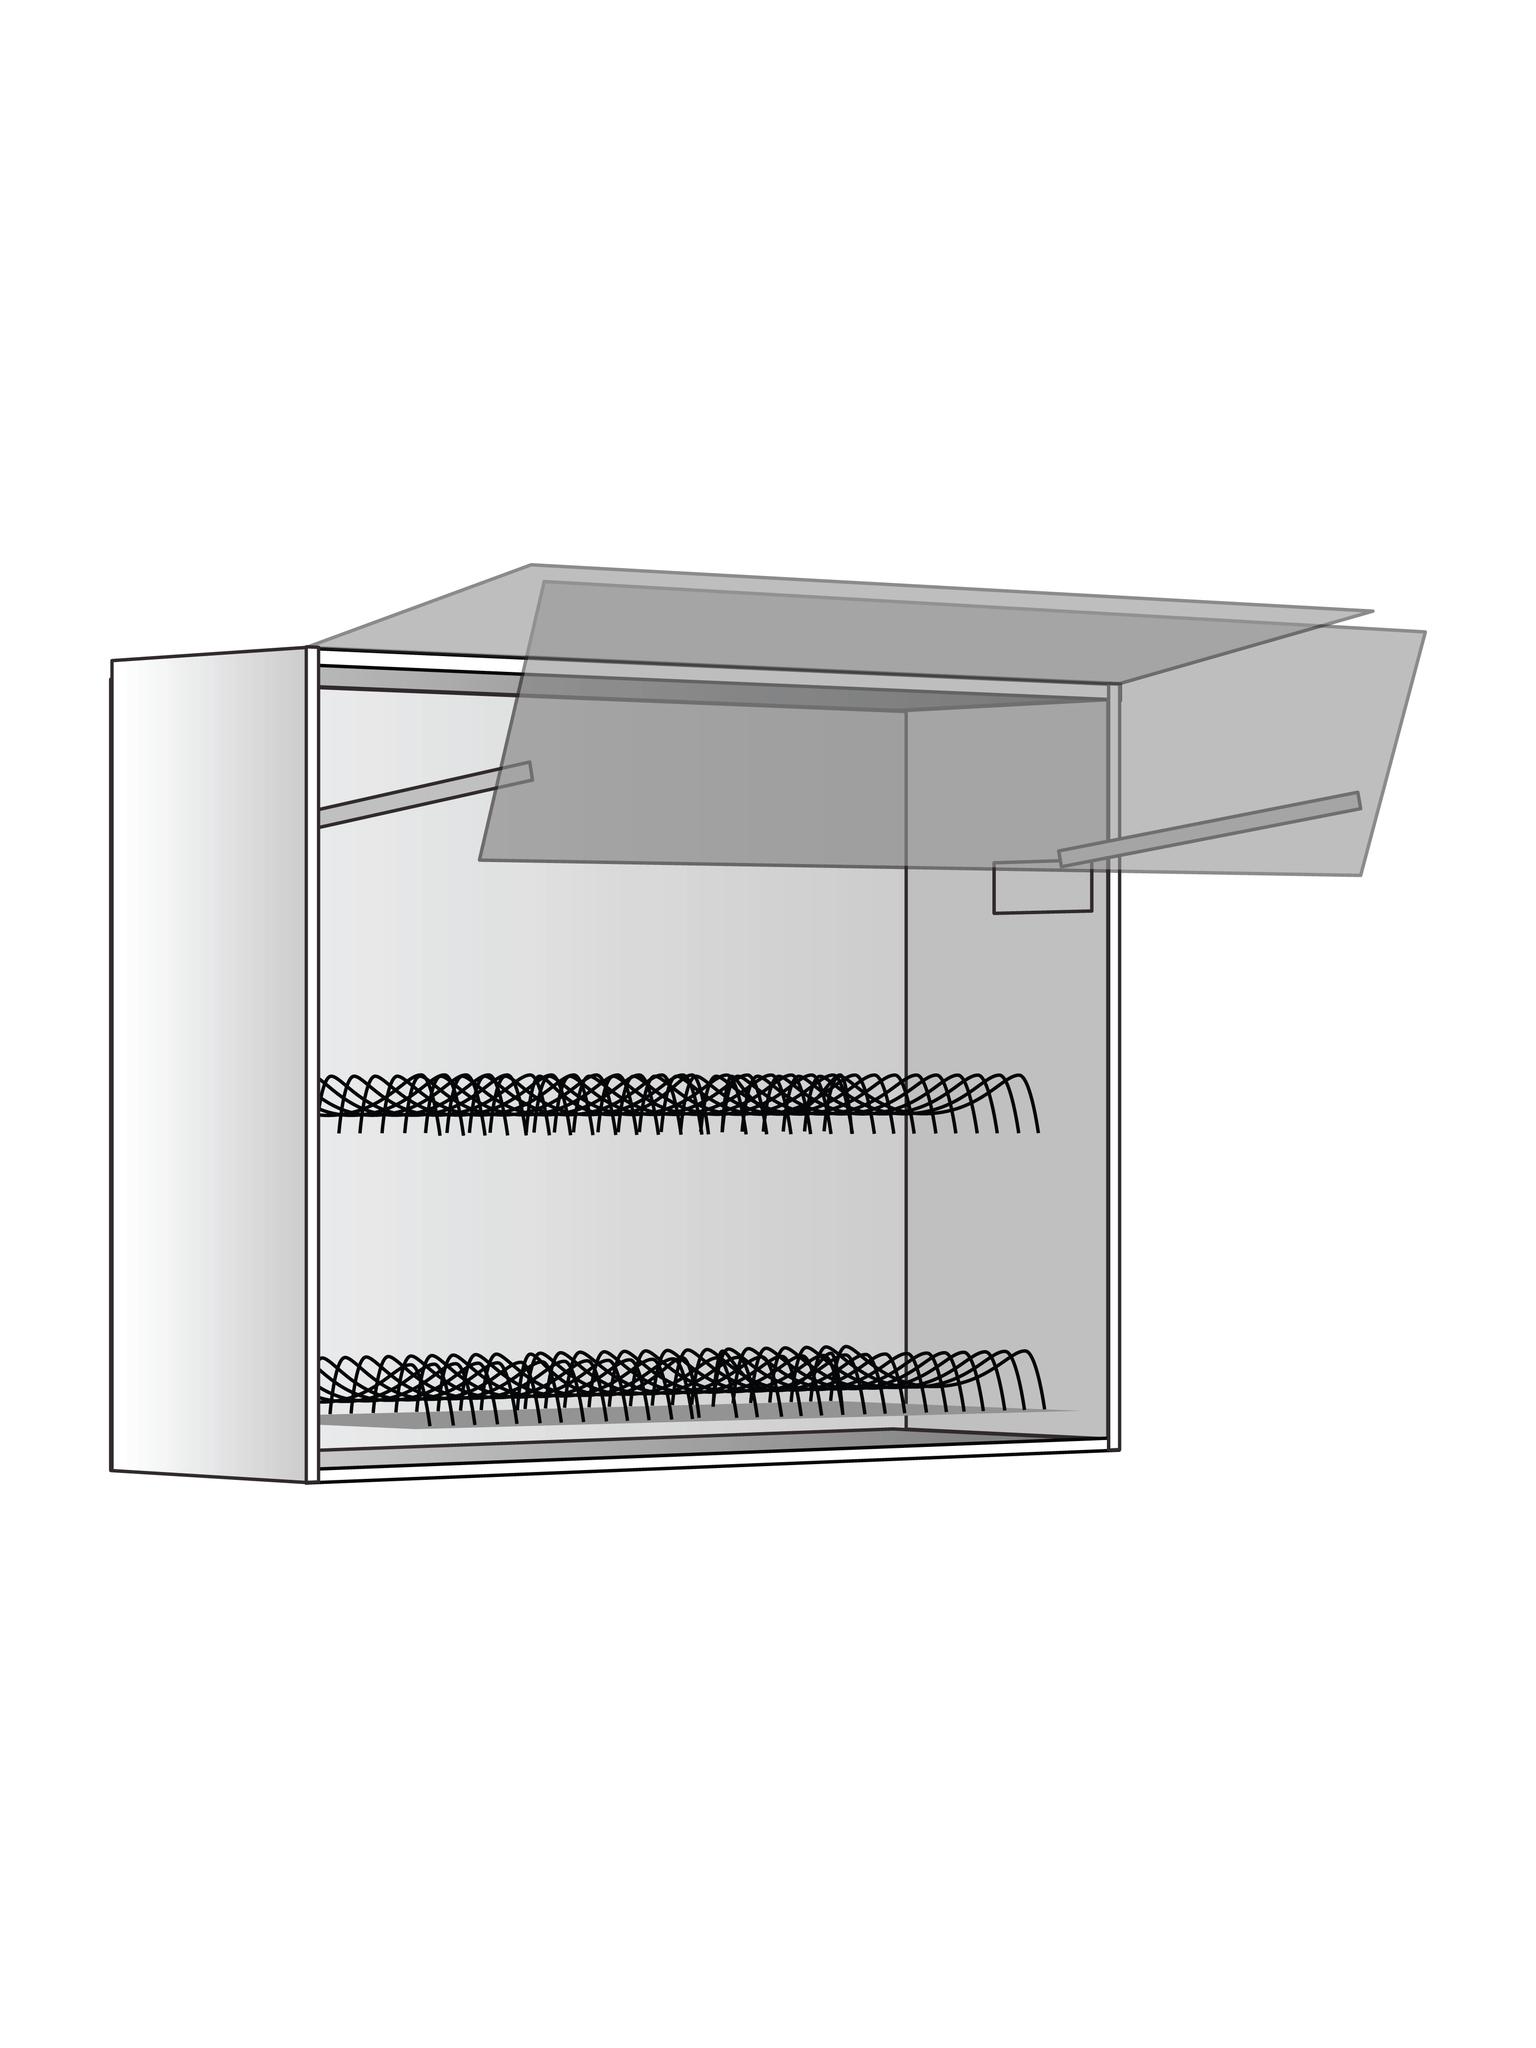 Верхний шкаф c сушилкой и подъемником, 720Х900 мм